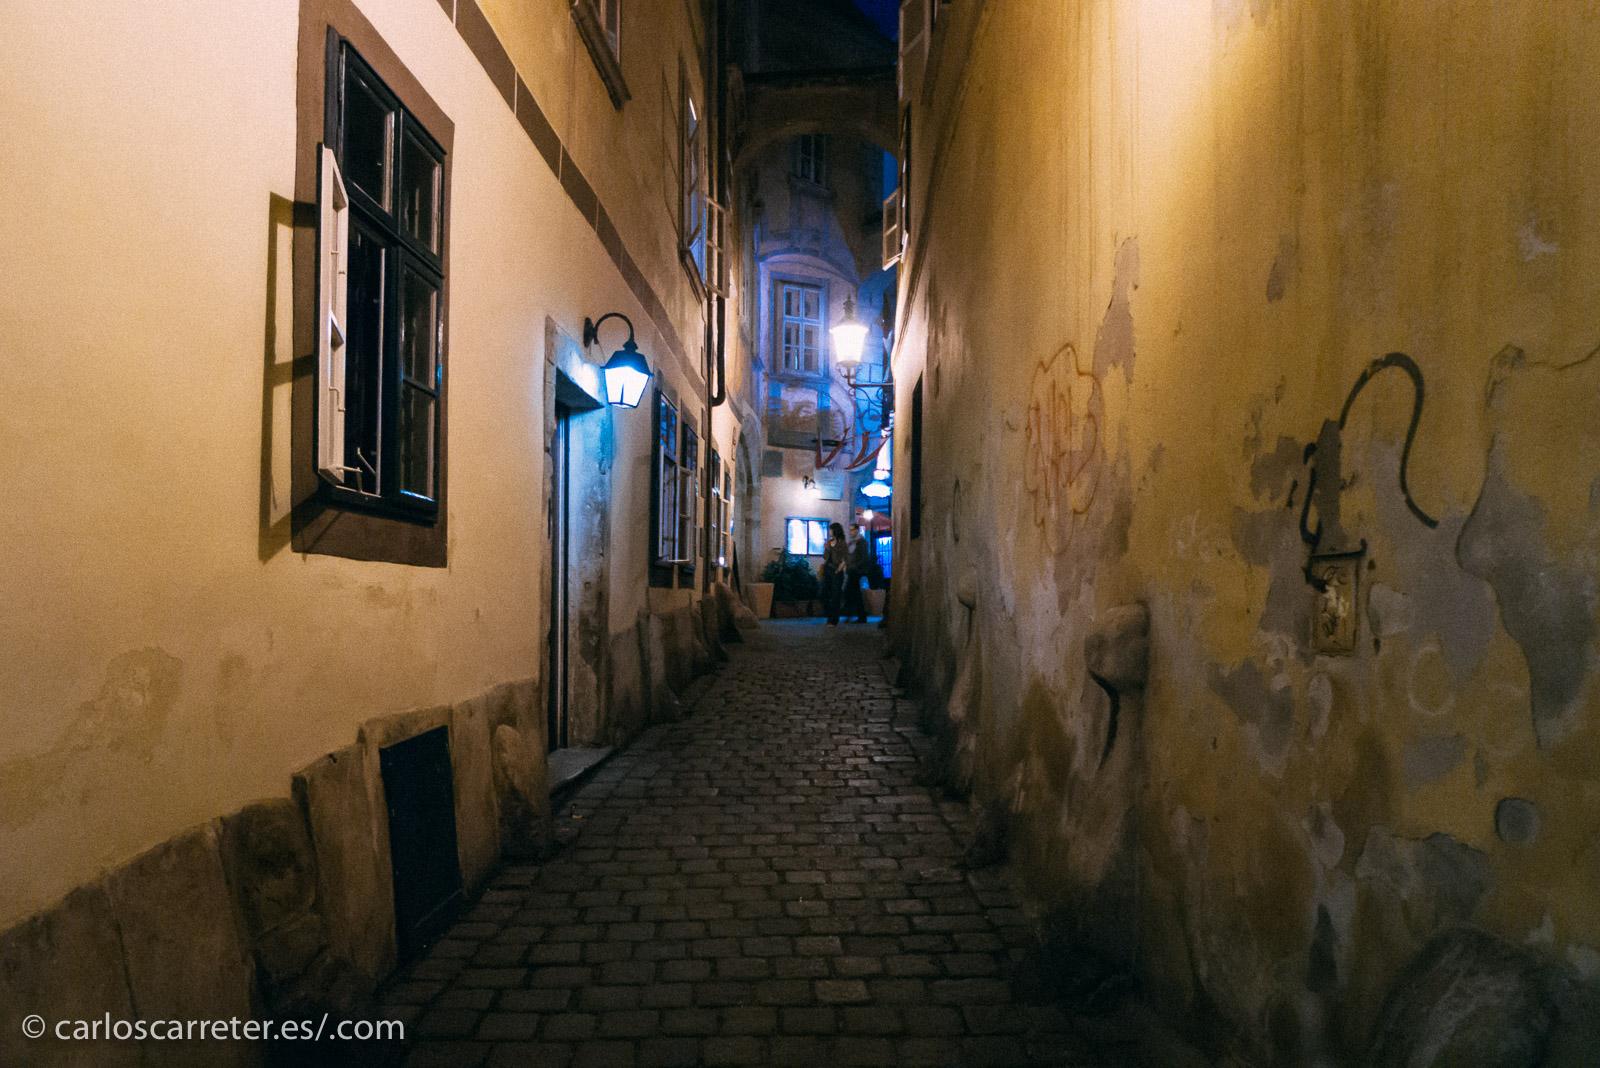 Luego, una pequeña persecución nocturna por las calles vienesas para dar paso al siguiente acto del filme.